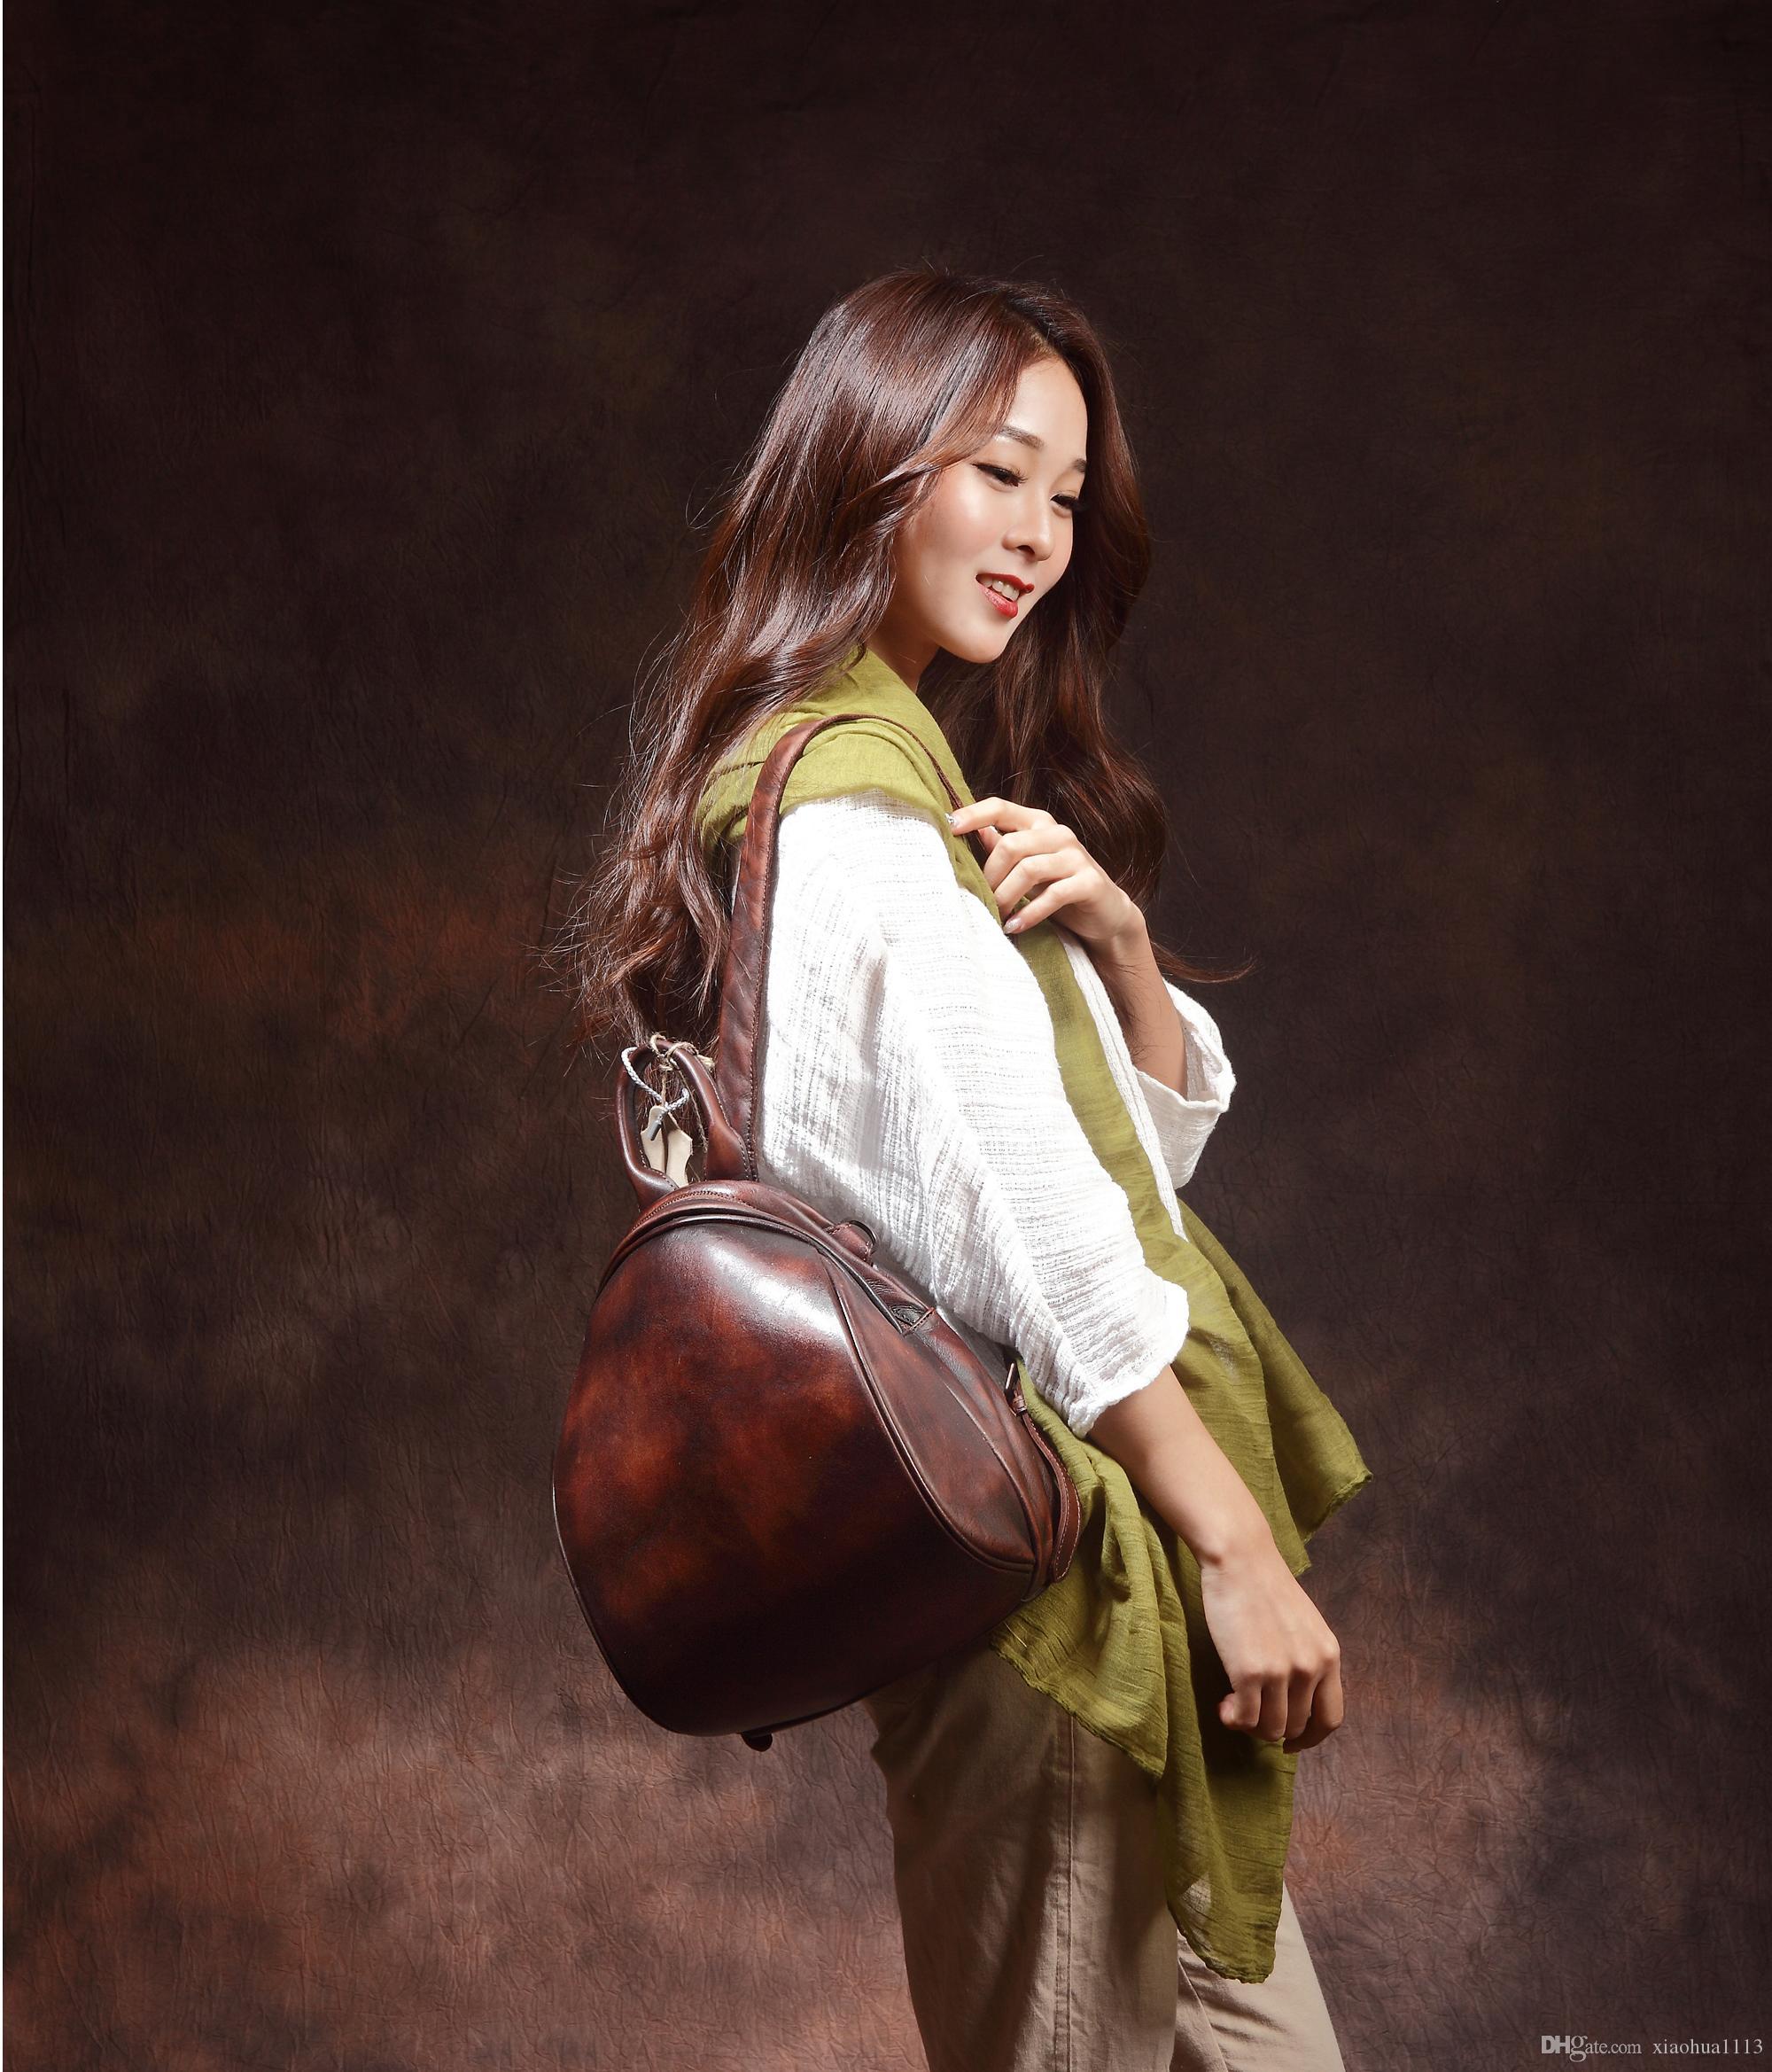 2020 moda gr # omuz çantası, çanta, sırt çantası, crossbody çantası, bel çantası, cüzdan, seyahat çantaları, en kaliteli, Z1227-7 mükemmel şimdi son